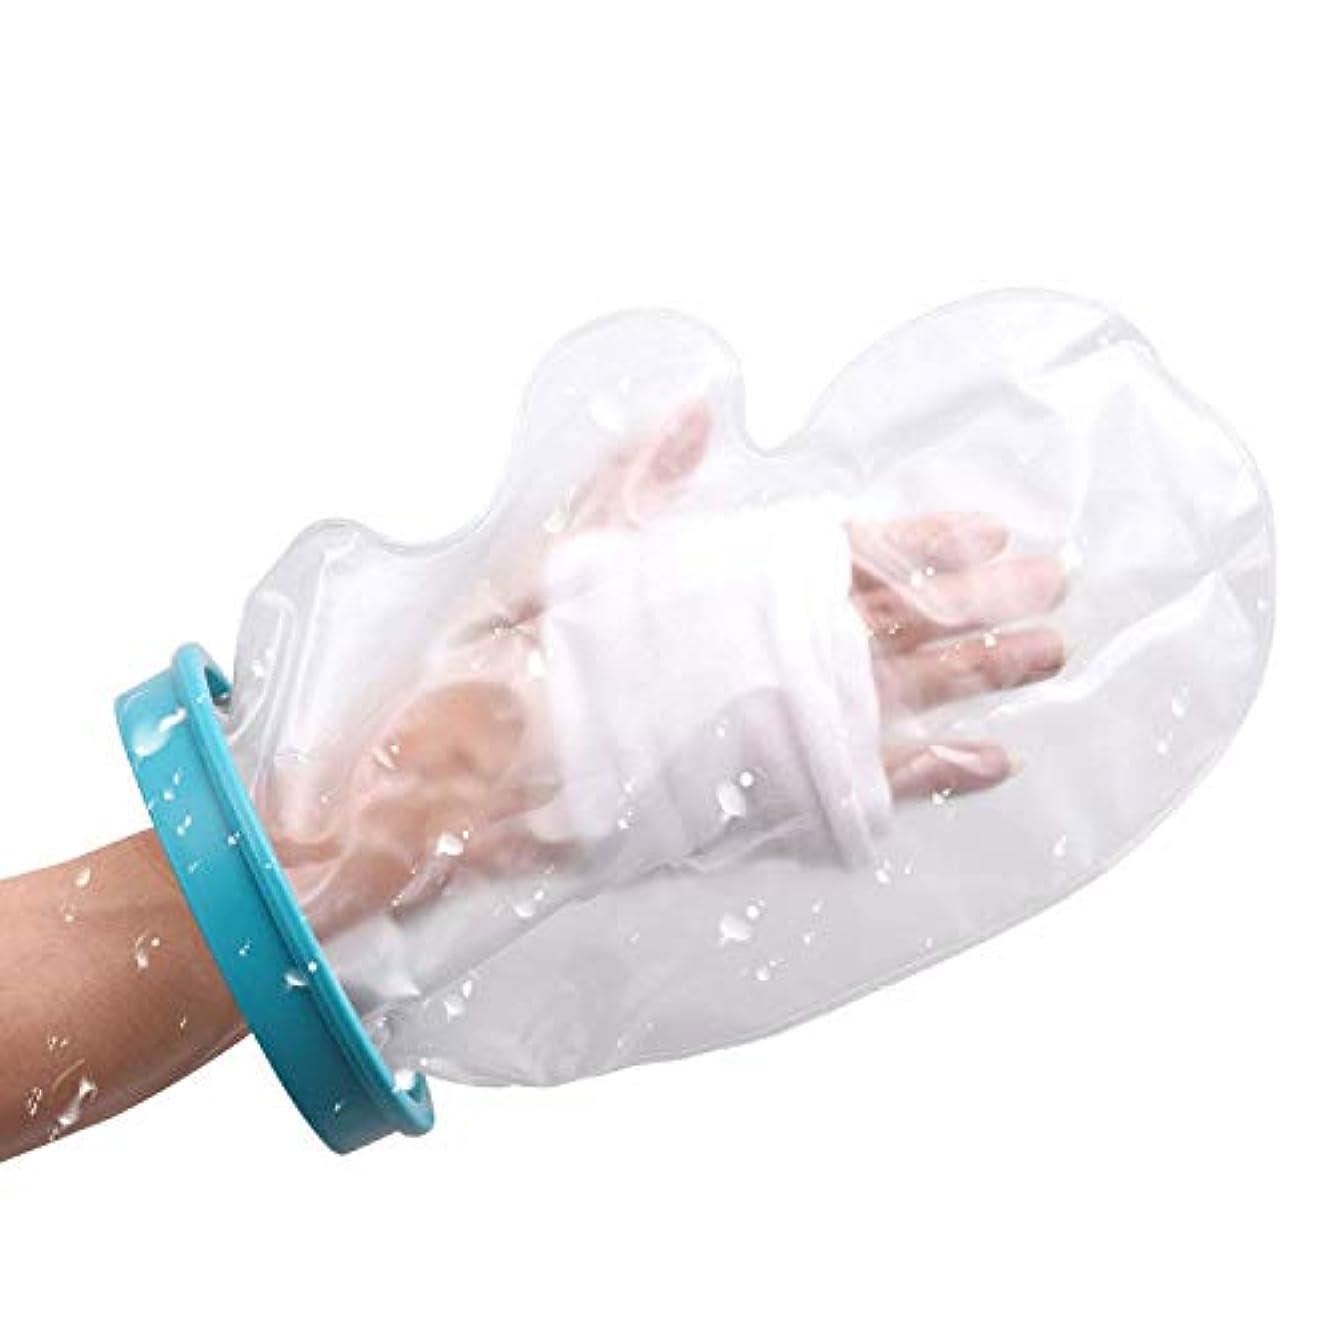 社会主義者ルーフスラムシャワー用ハンドキャストカバープロテクター、耐久性のある再利用可能なキャストスリーブバッグカバー大人手傷火傷手手首指